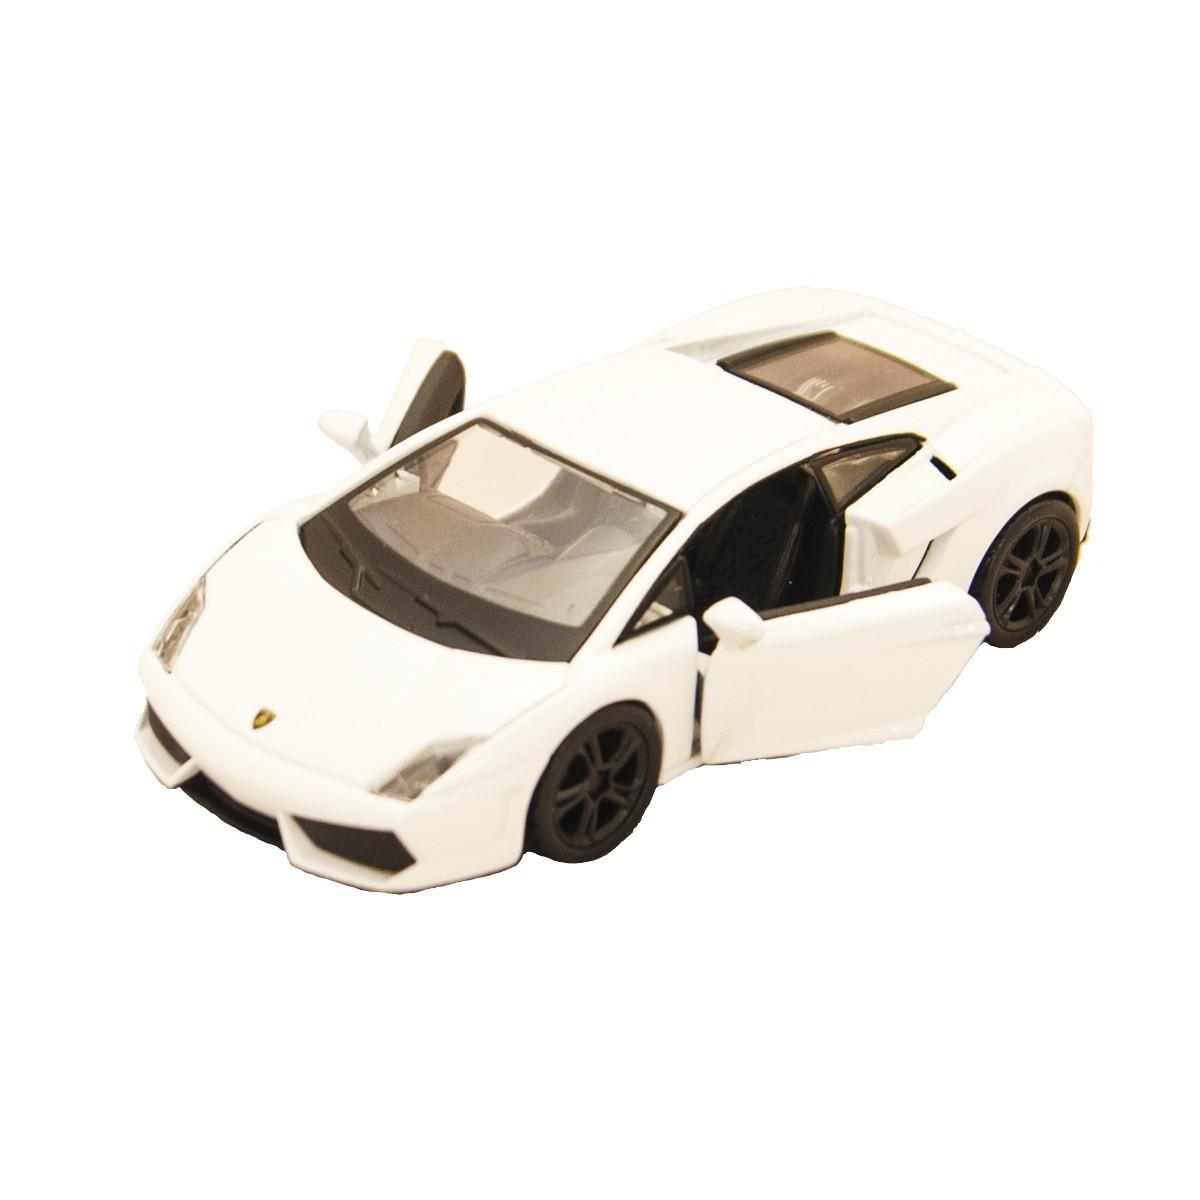 Модель авто Lamborghini Gallardo LP560-4 2008 белый, светло-зеленый металлик 1:32 BBurago 18-43020